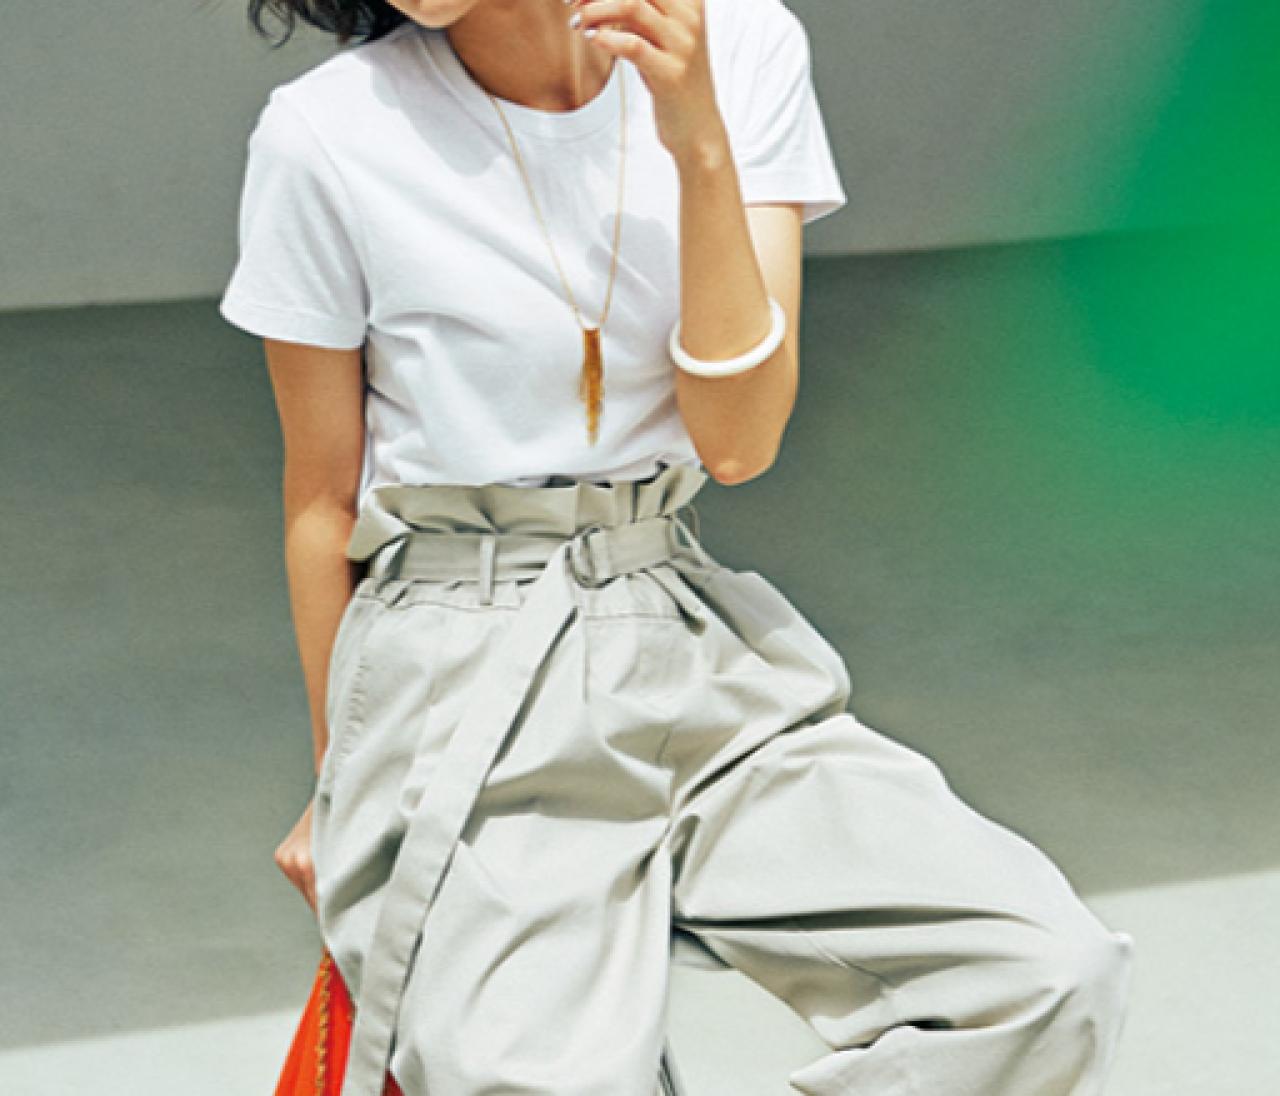 【30代の白Tシャツ】今どき・しゃれ感・着やせハットトリックコーデ9連発